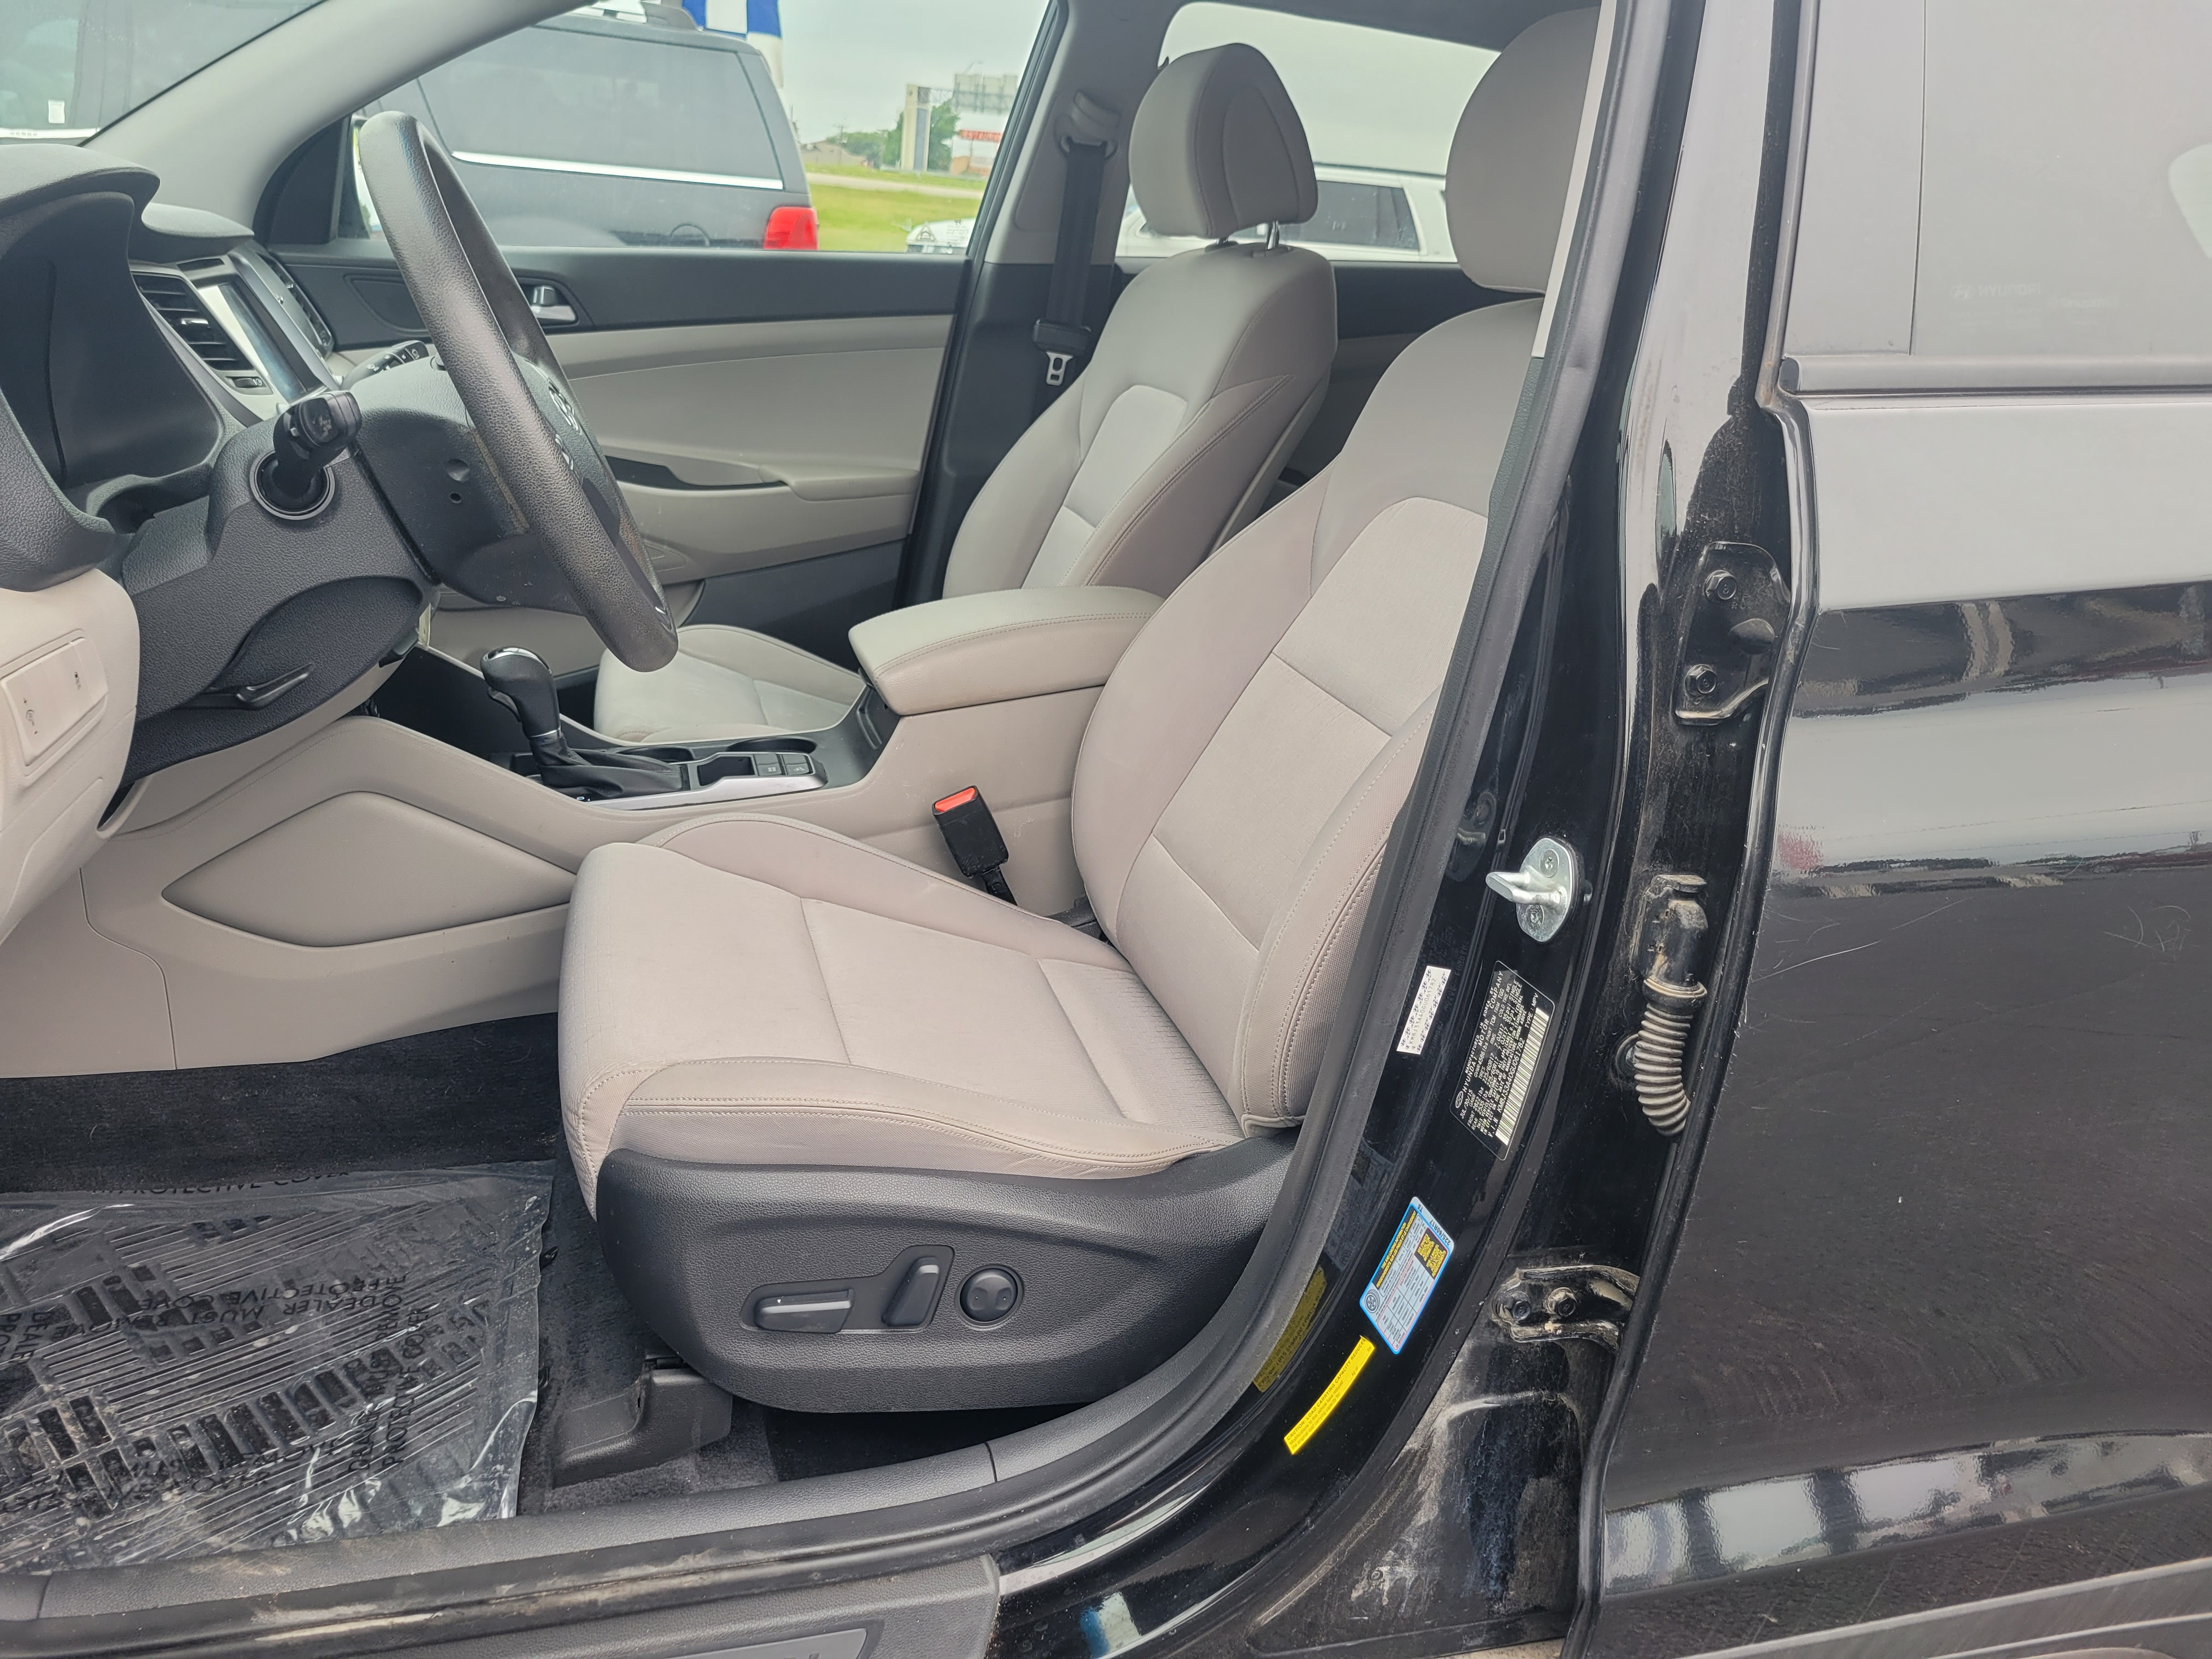 used vehicle - SUV HYUNDAI TUCSON 2016